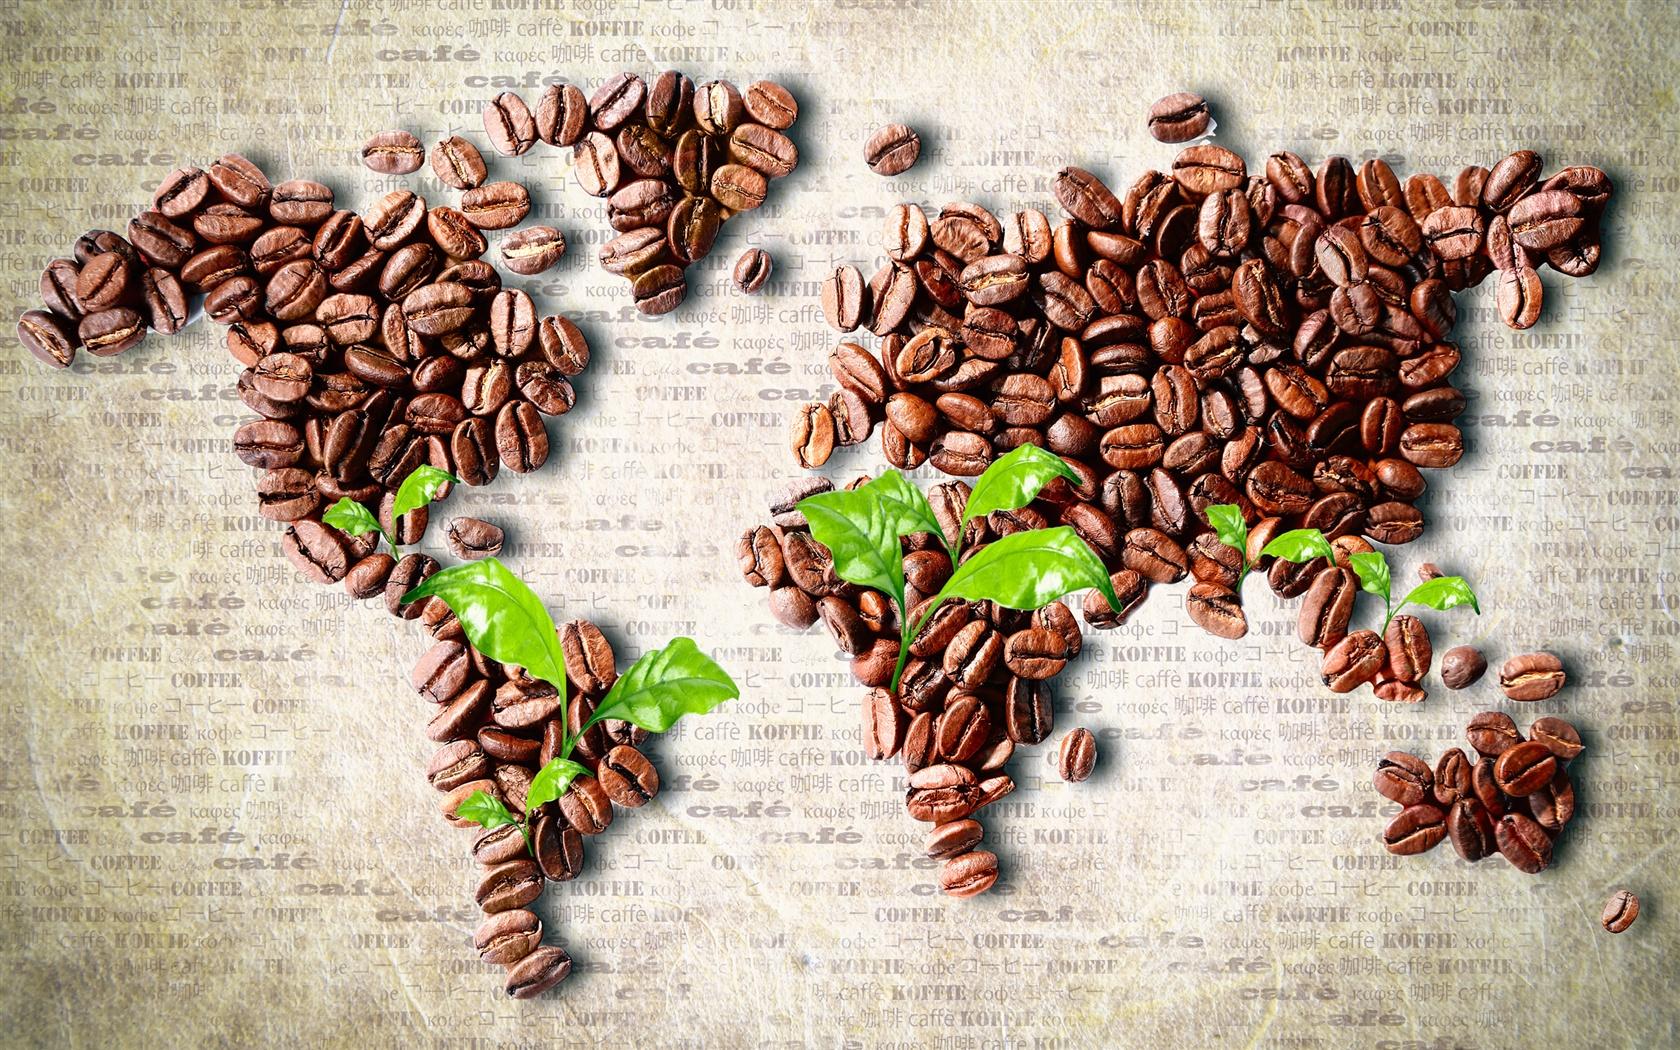 untuk sihir kopi dalam politik